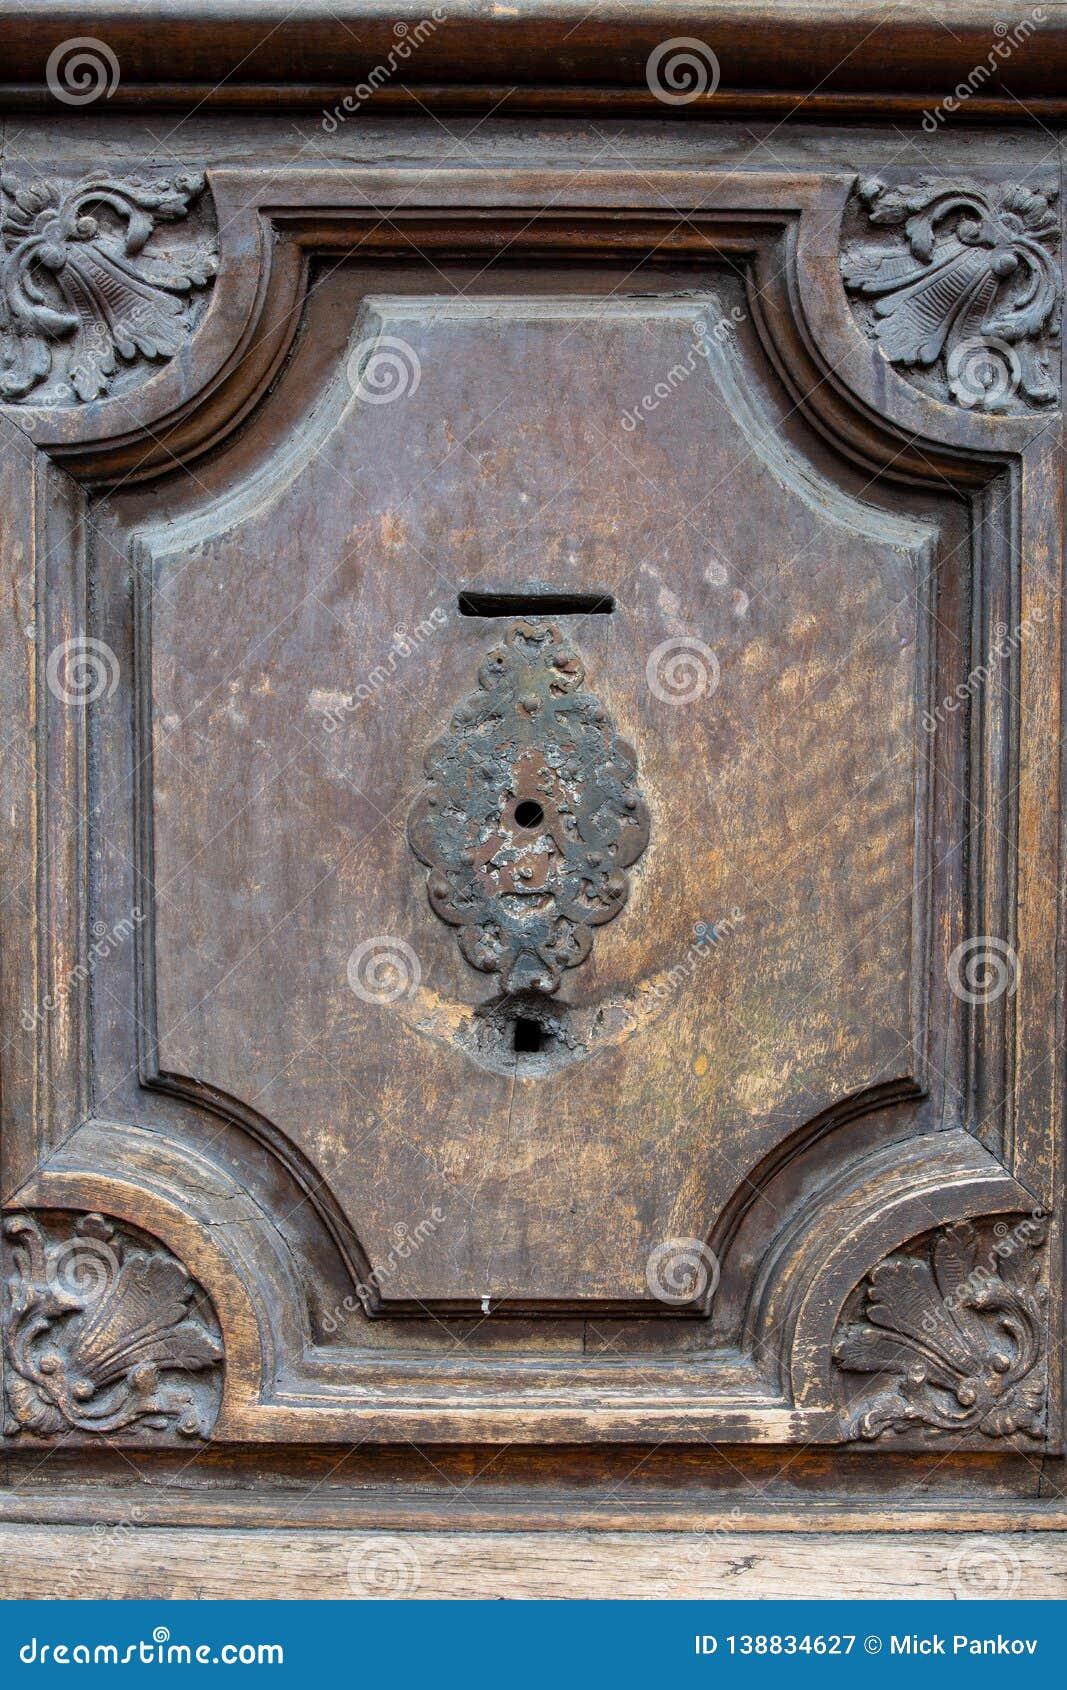 Fragment of the old door